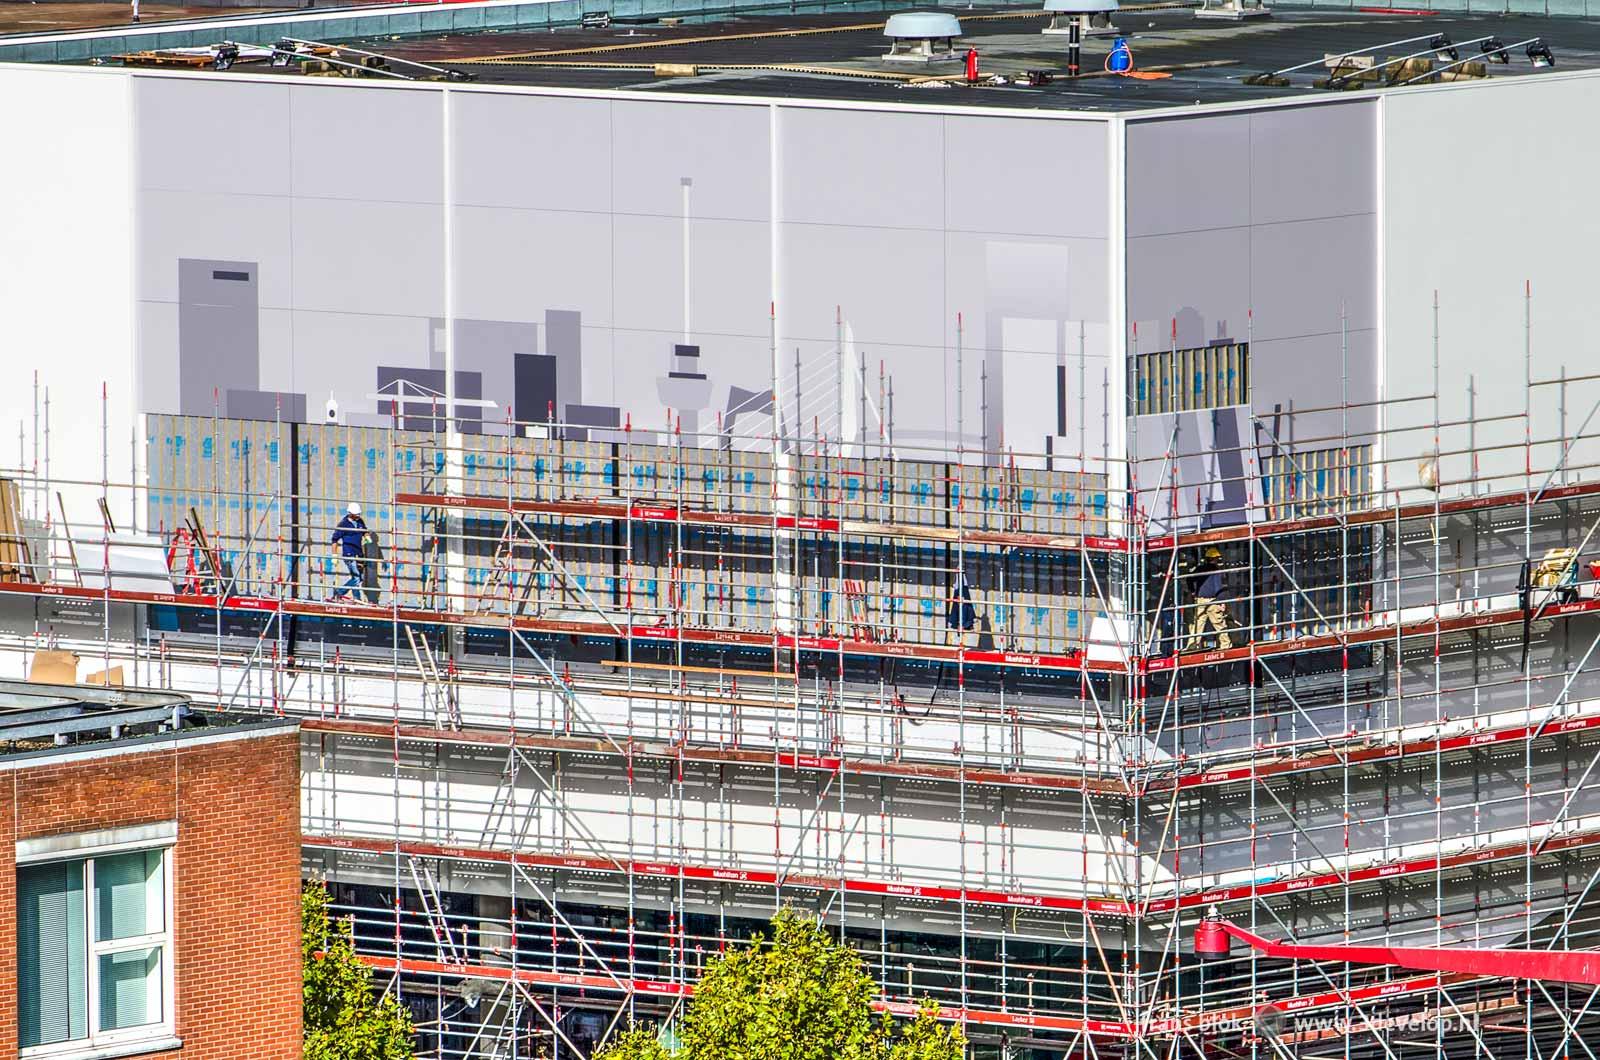 Werk in uitvoering aan de gevel van de Pathé-bioscoop op het Schouwburgplein in Rotterdam, waar de skyline van de stad langzaam te voorschijn komt achter het steigerwerk